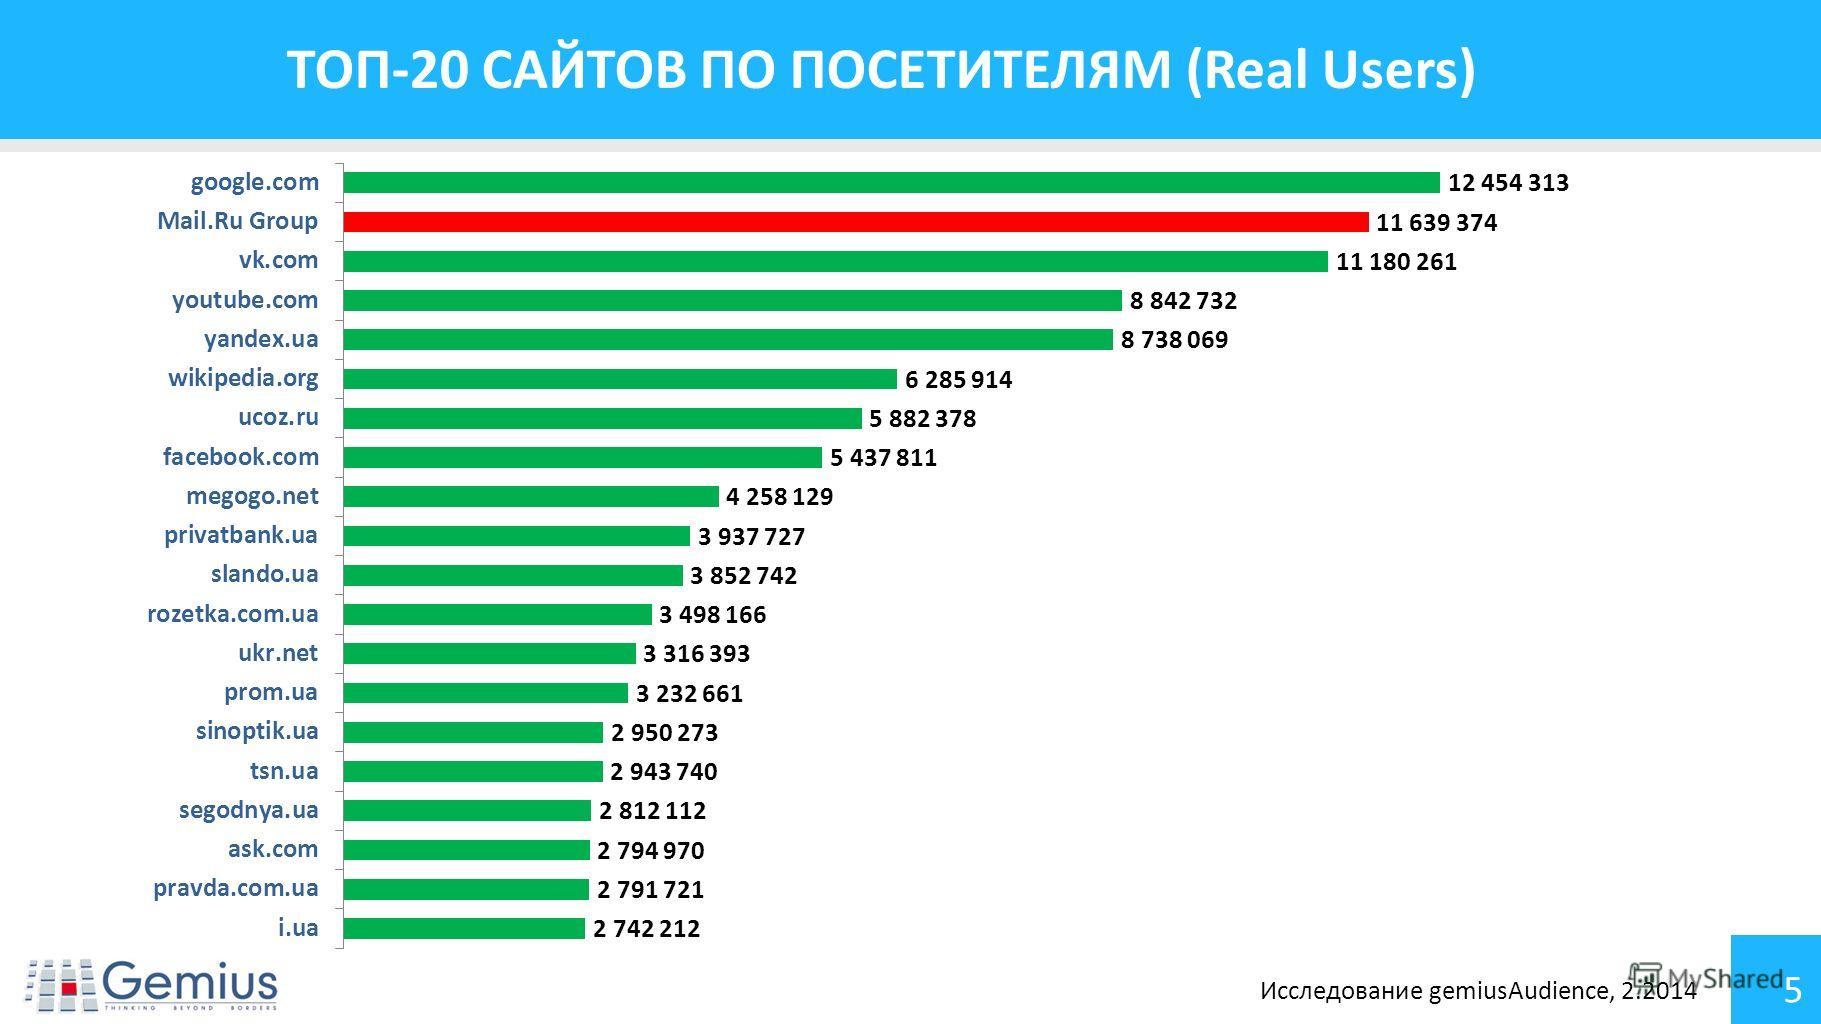 5 ТОП-20 САЙТОВ ПО ПОСЕТИТЕЛЯМ (Real Users) Исследование gemiusAudience, 2.2014